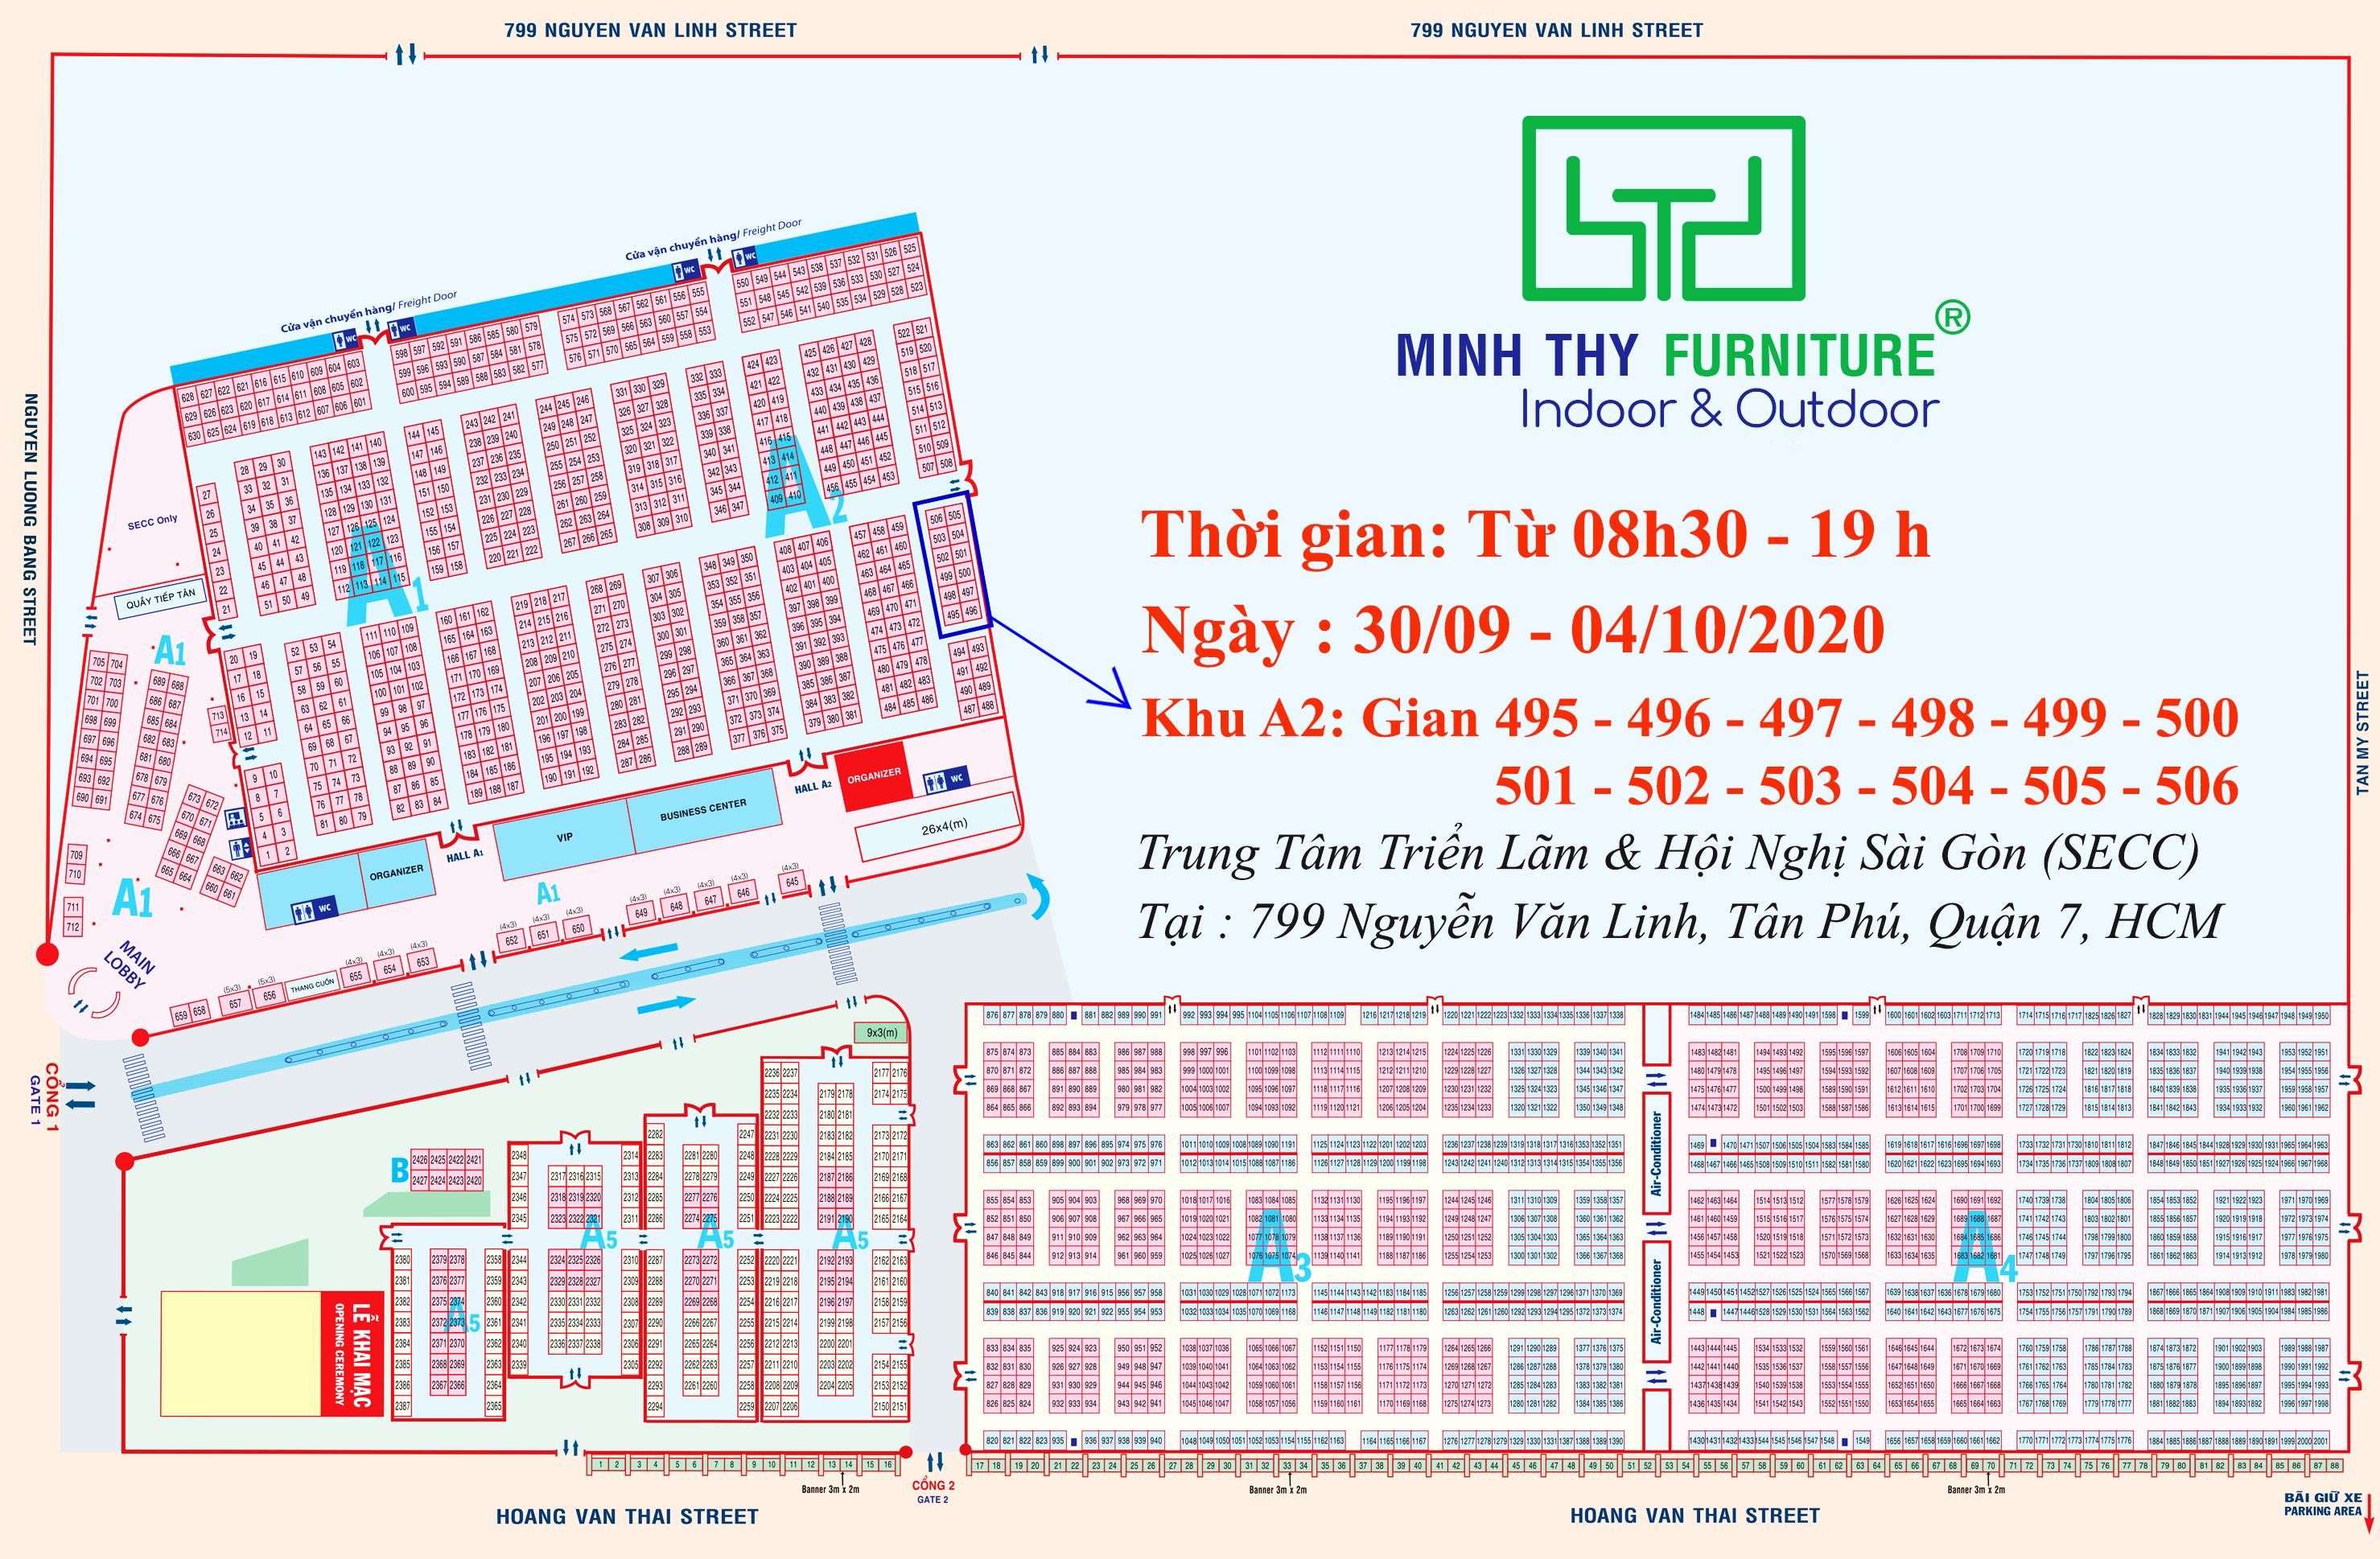 Sơ đồ Gian hàng Minh Thy Furniture tại Vietbuild T9-2020